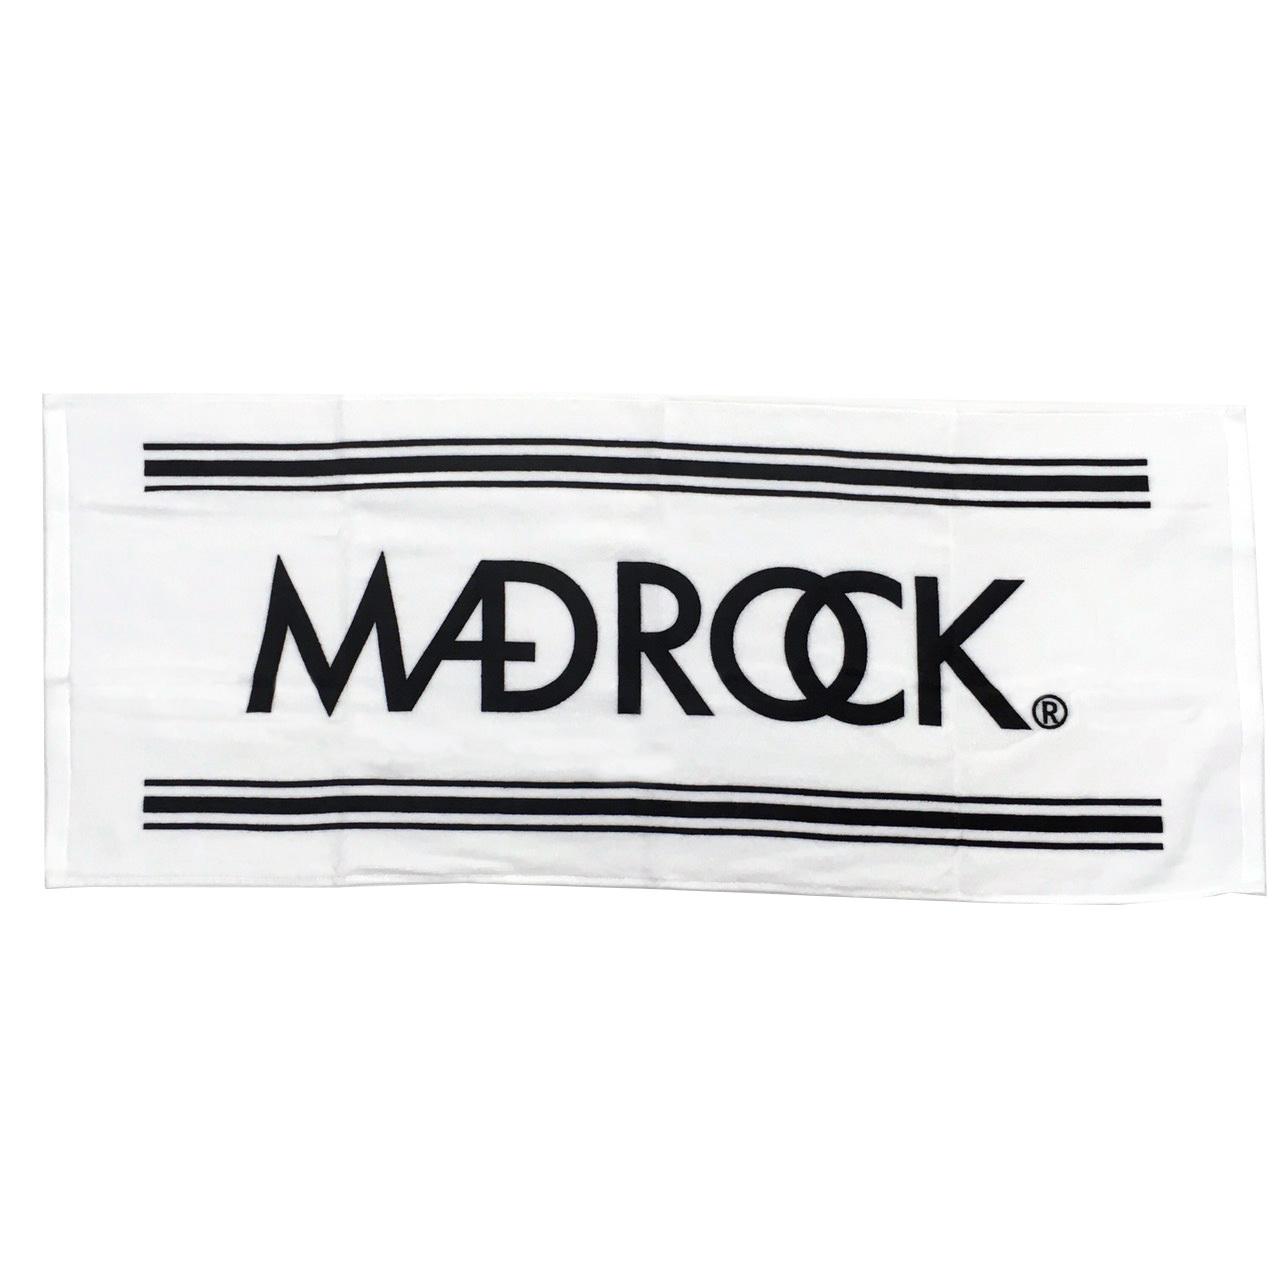 マッドロック ロゴ タオル ホワイト&ブラック / MADROCK  LOGO Towel / White&Black